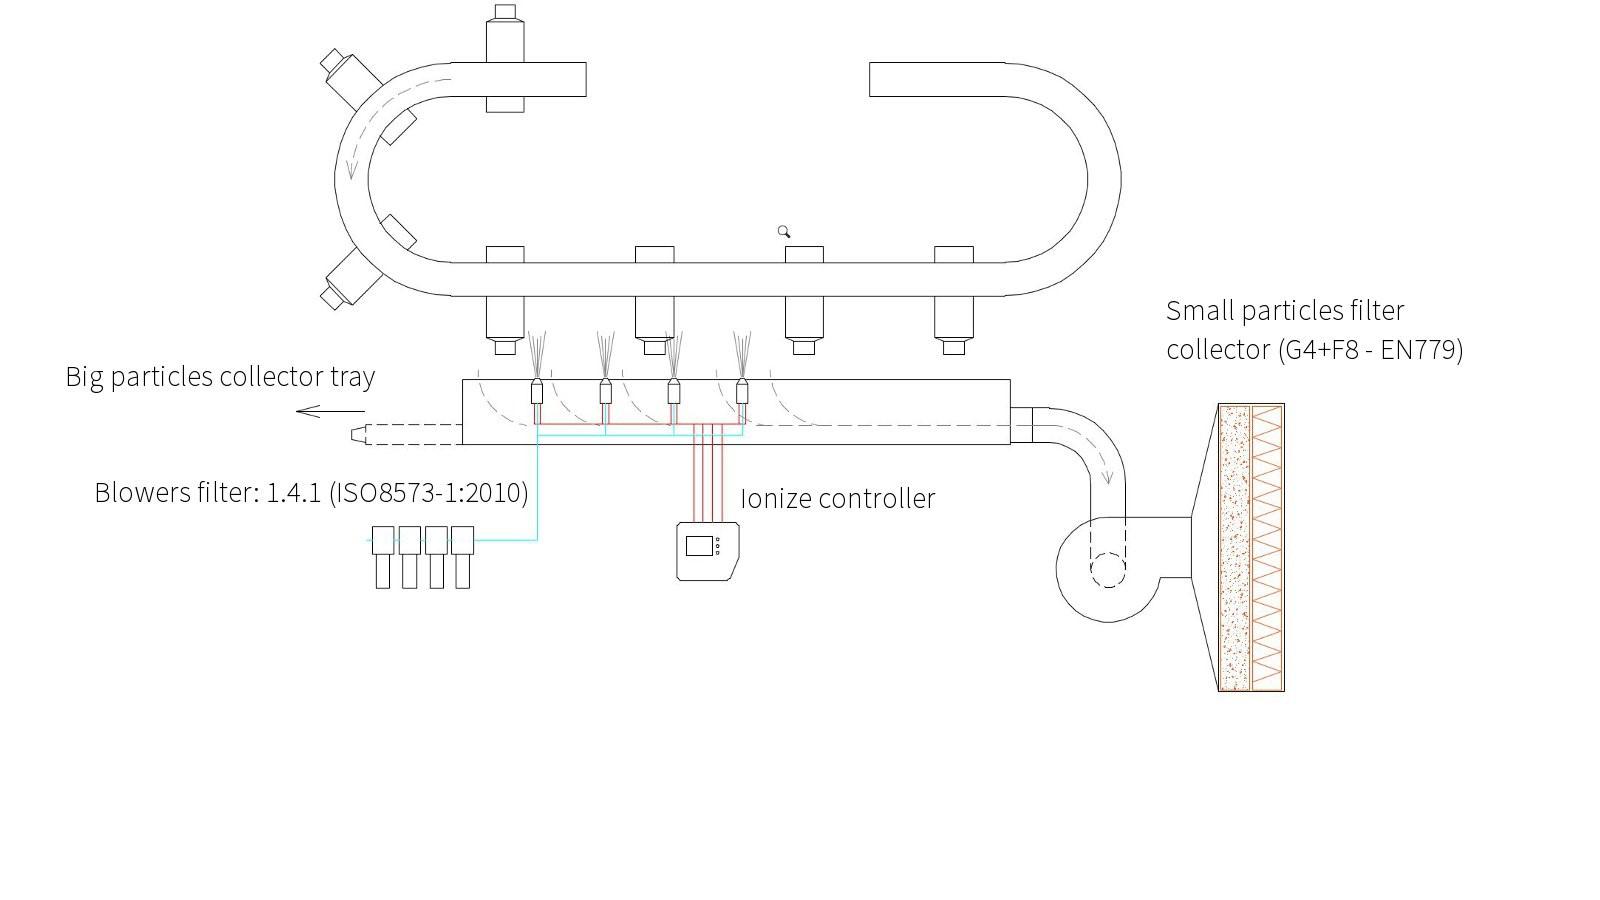 Proceso de limpieza de envases por soplado con aire ionizado y aspirado de partículas con filtraje F8